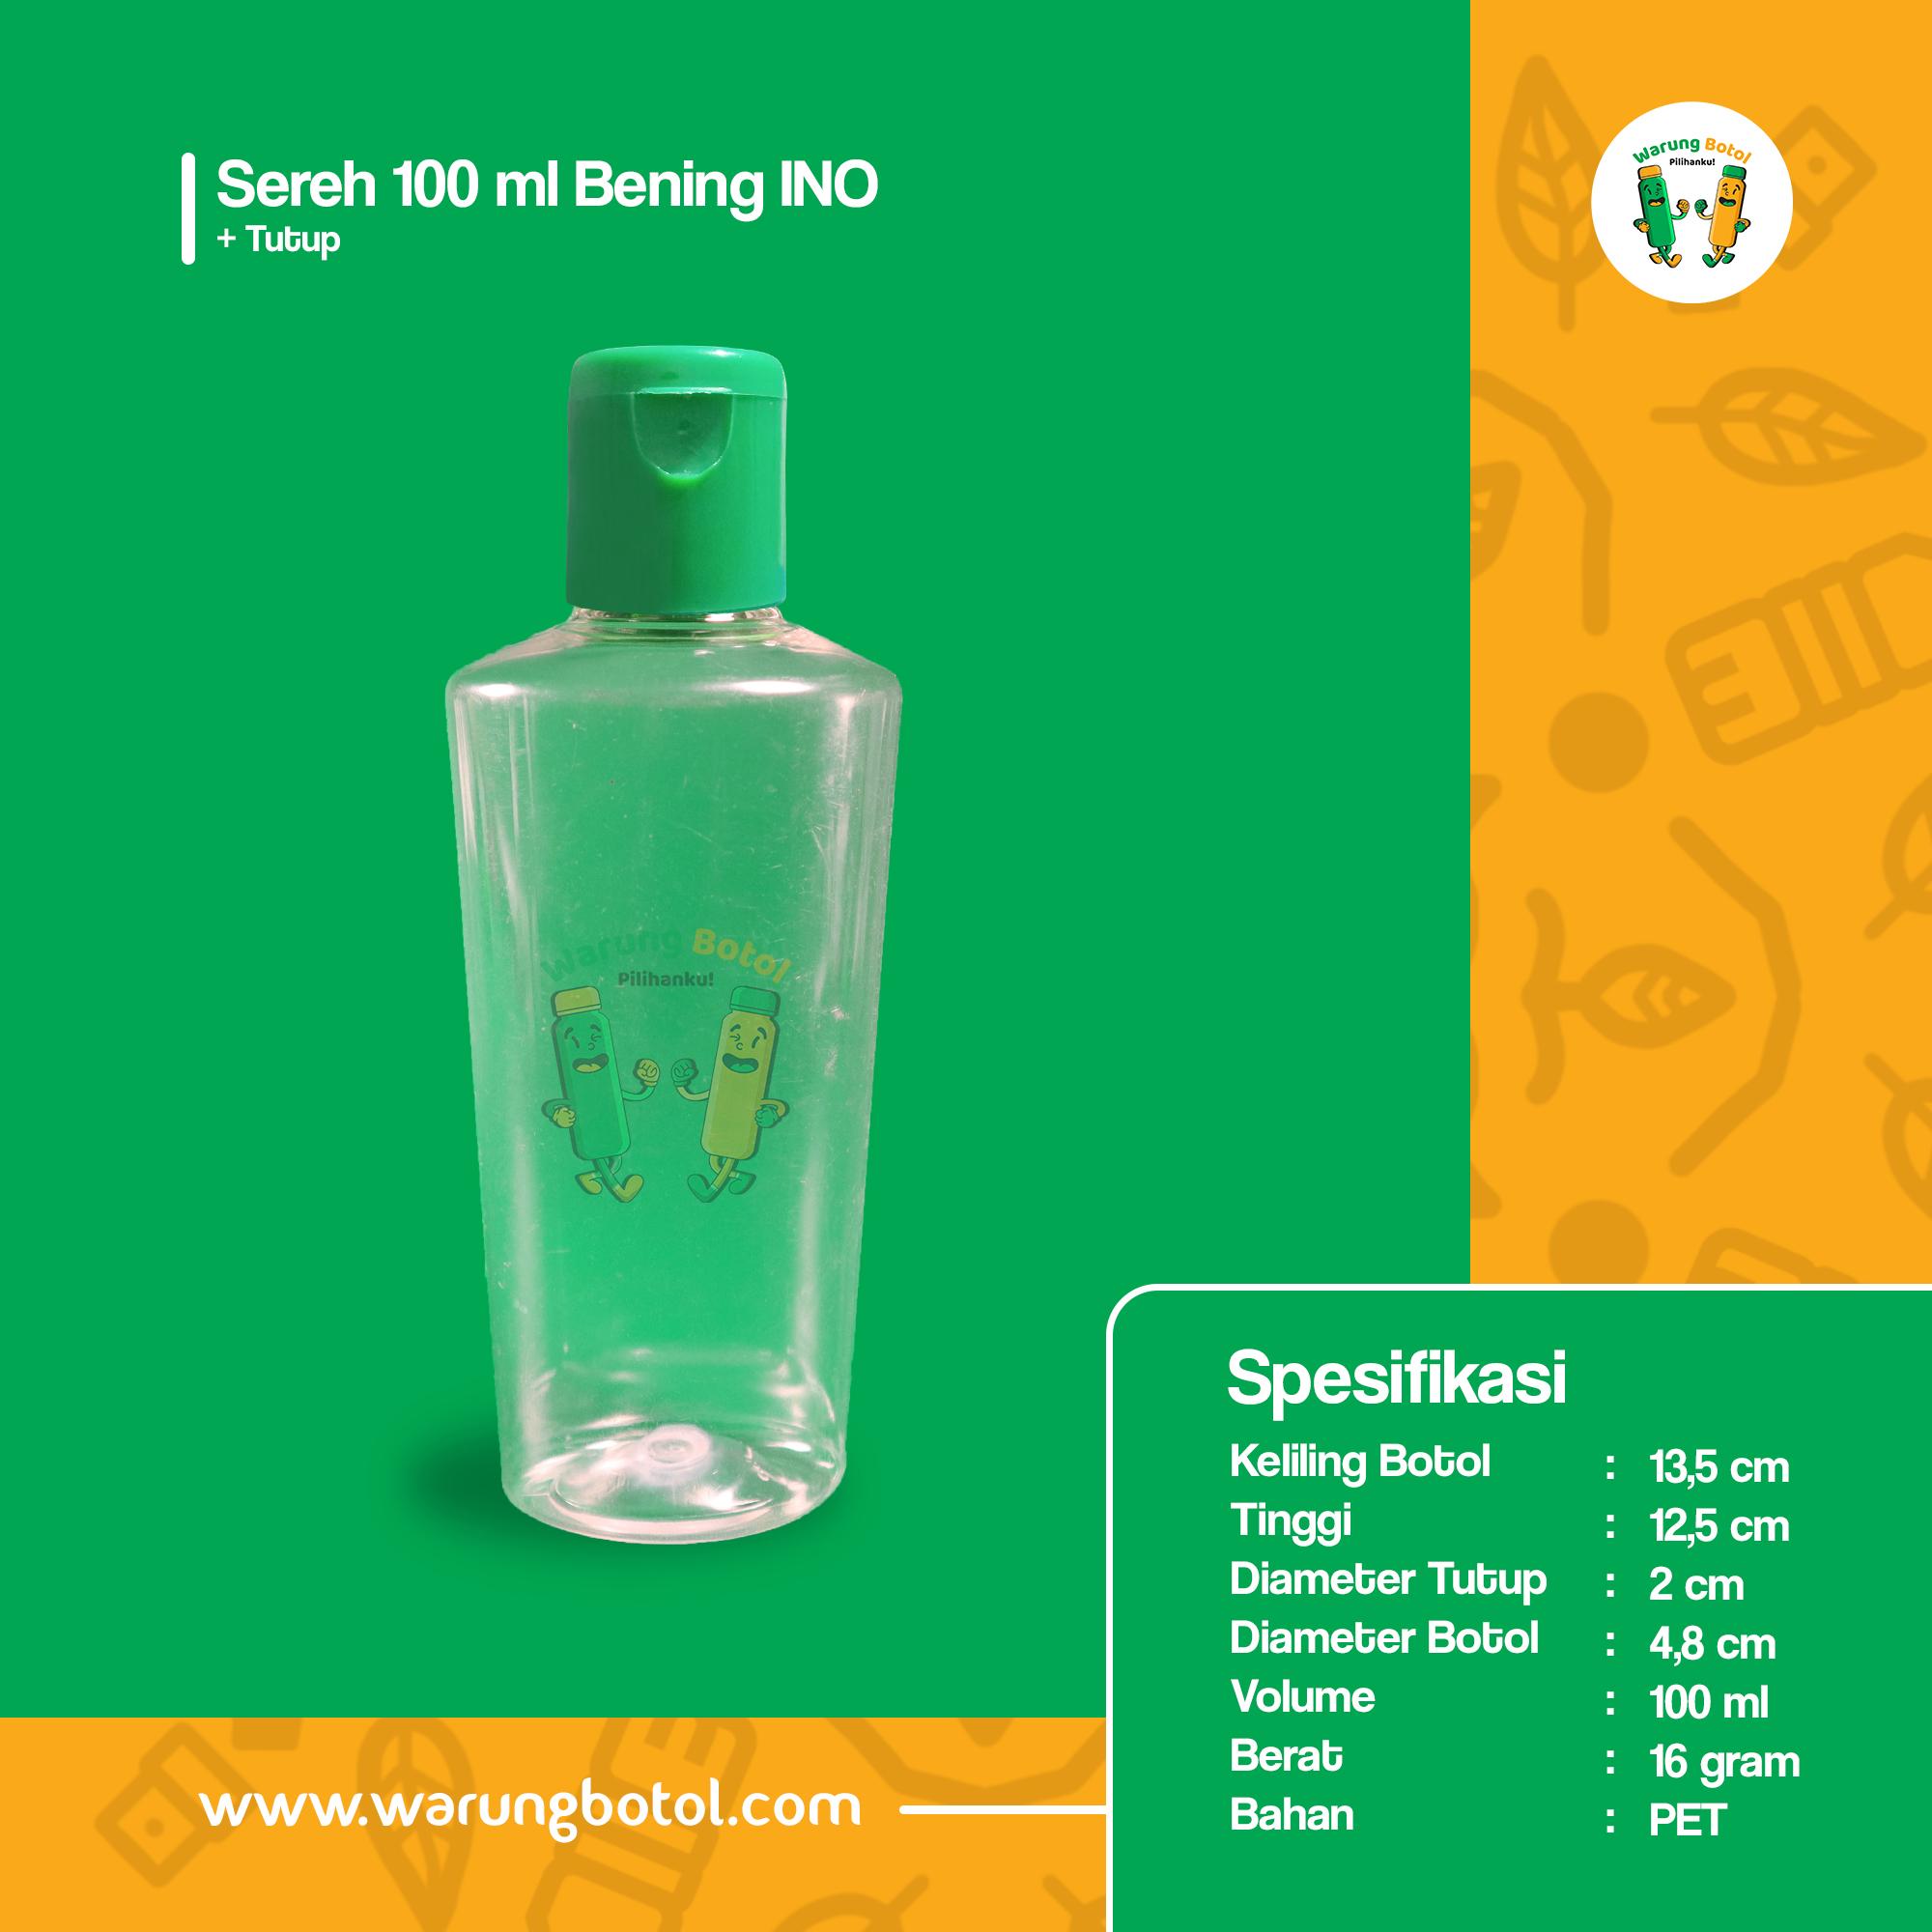 distributor toko jual Botol Plastik untuk minyak telon, obat 100ml bening berbahan pet dengan tutup pulltop murah terdekat di bandung, bekasi, jakarta dan bogor